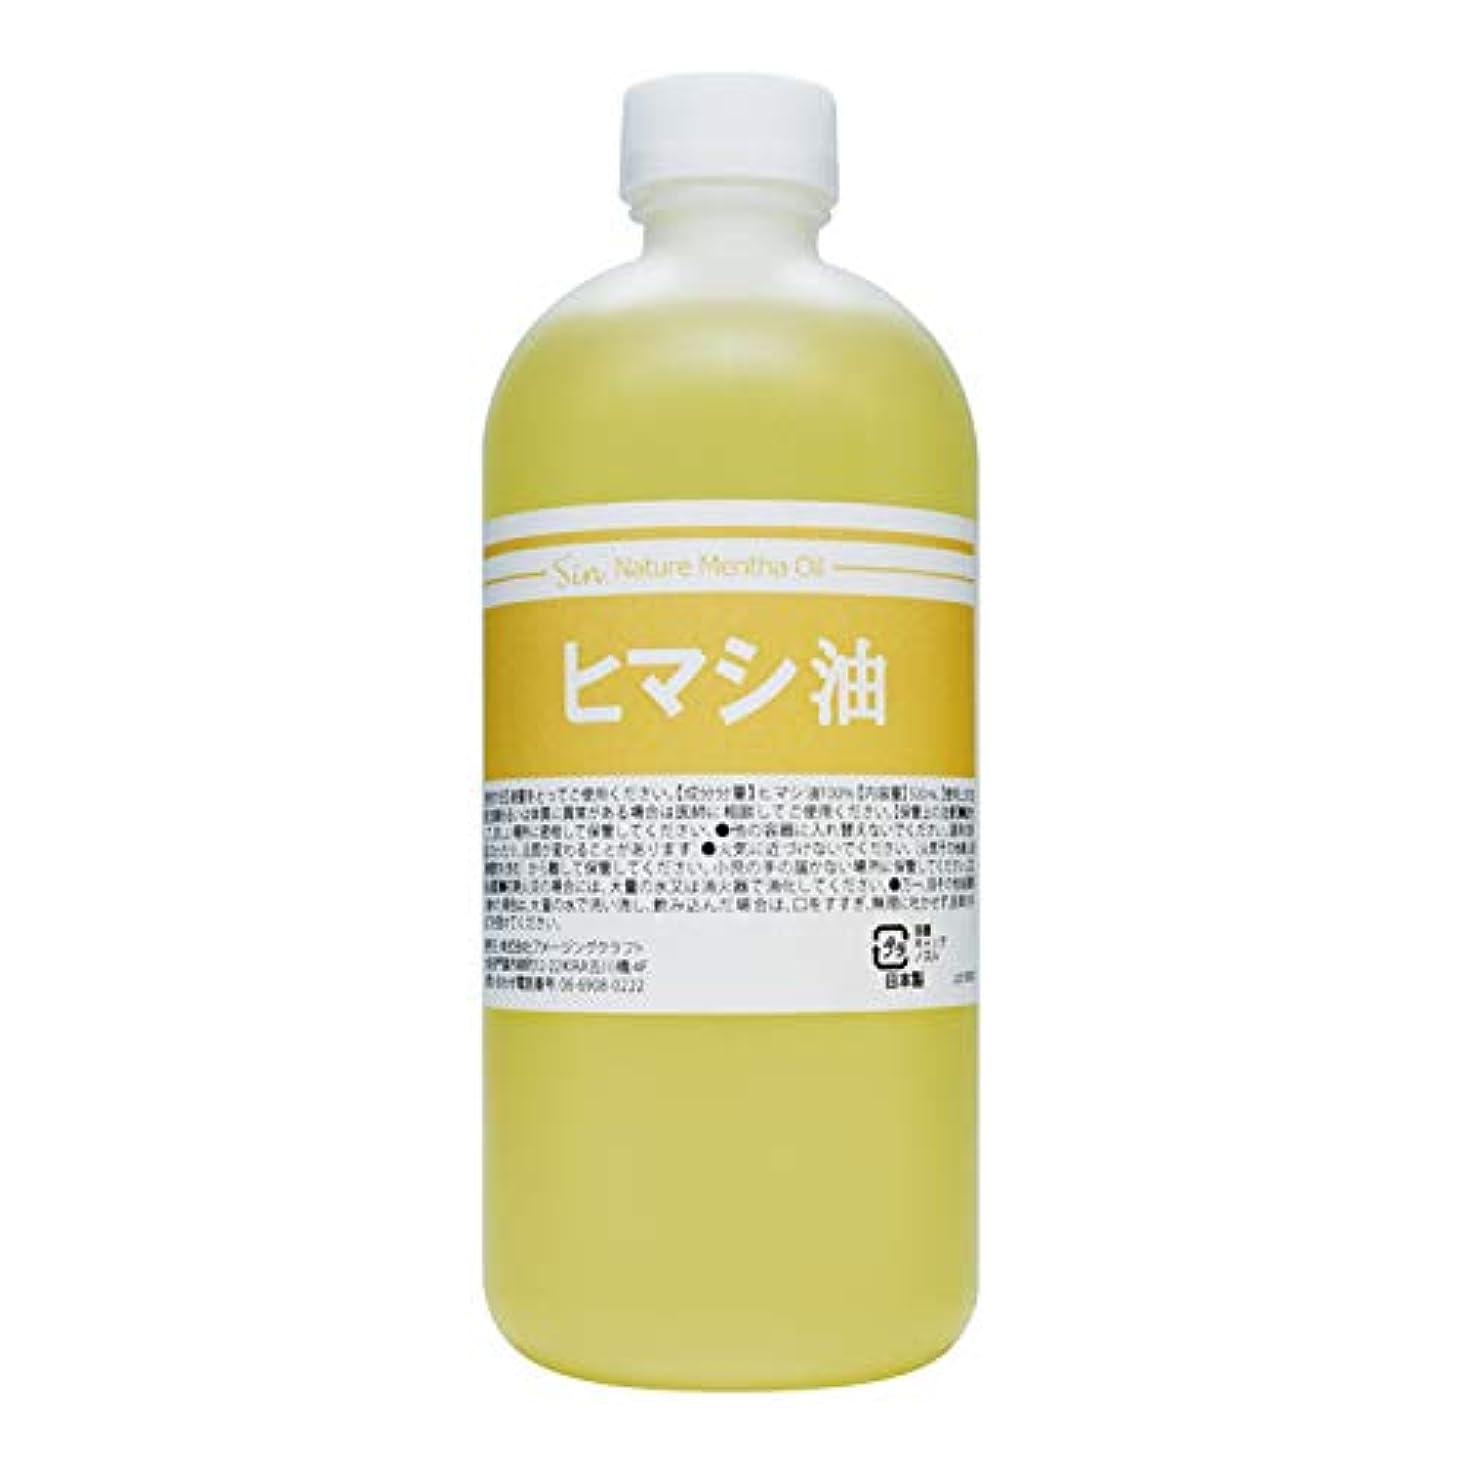 計画的処分したスリチンモイ天然無添加 国内精製 ひまし油 500ml (ヒマシ油 キャスターオイル)